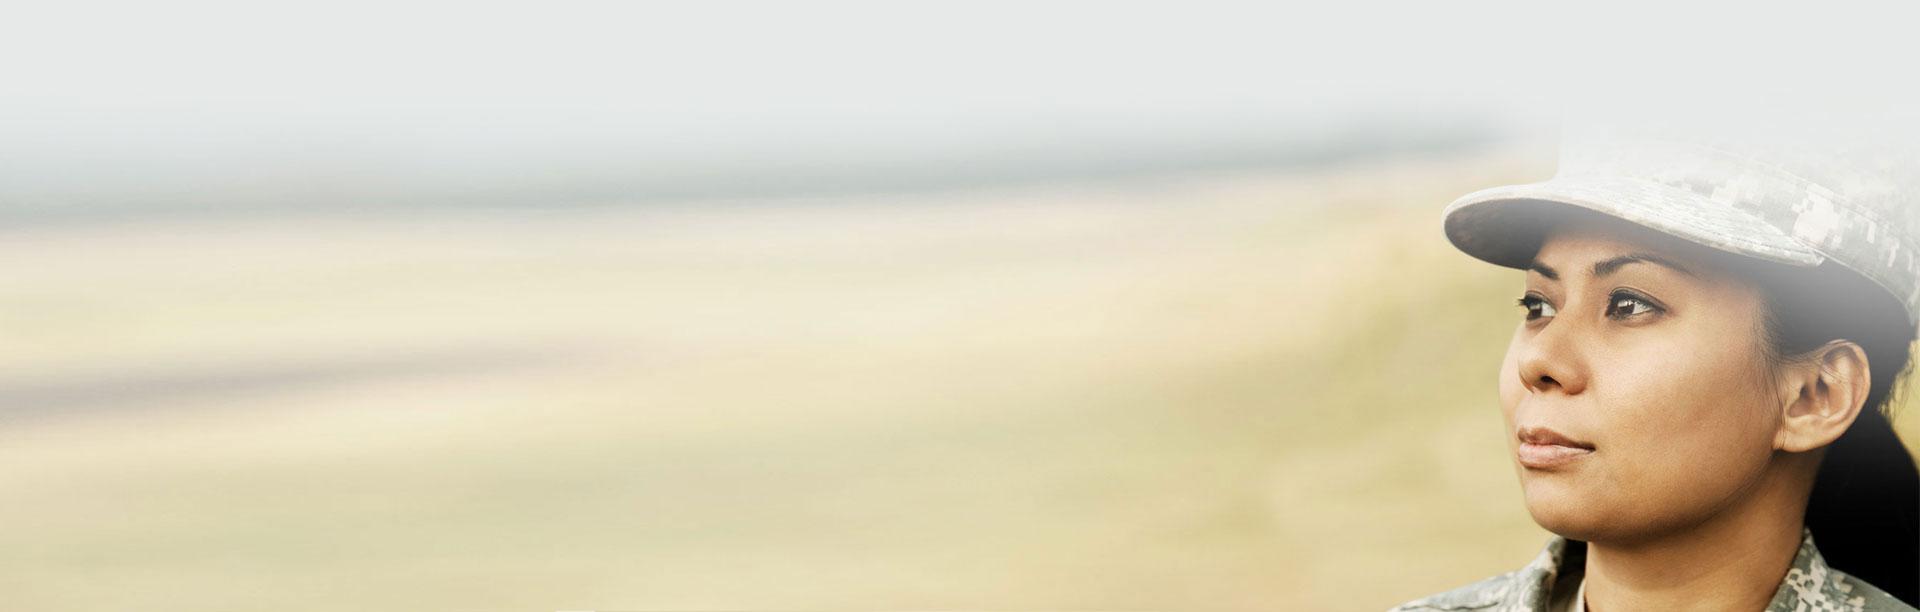 introbanner-1920x612_4